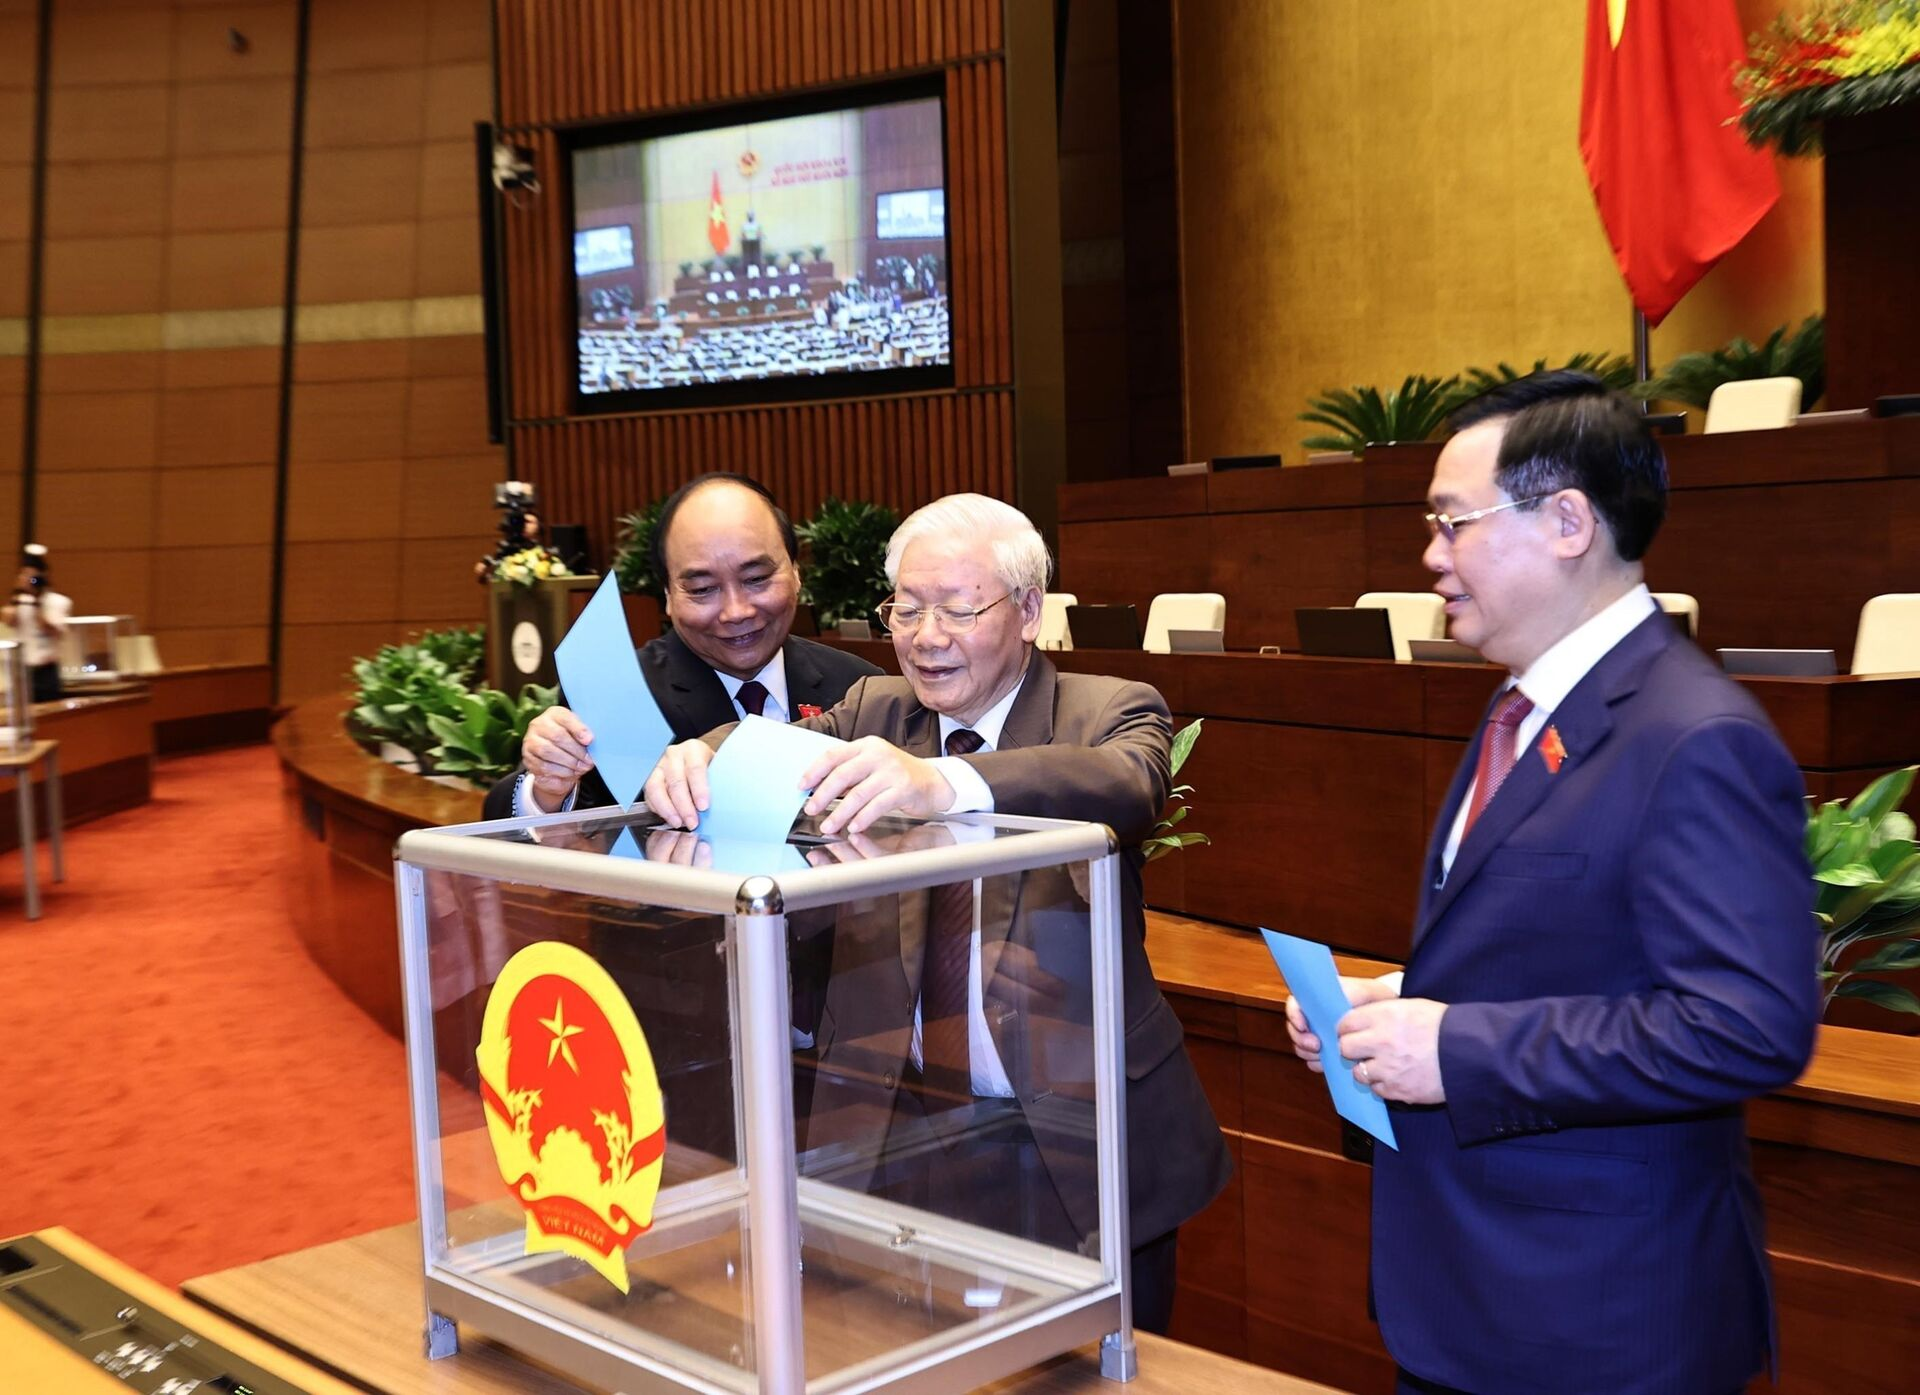 Các lãnh đạo cao nhất của Việt Nam ứng cử ĐBQH ở đâu? - Sputnik Việt Nam, 1920, 20.04.2021